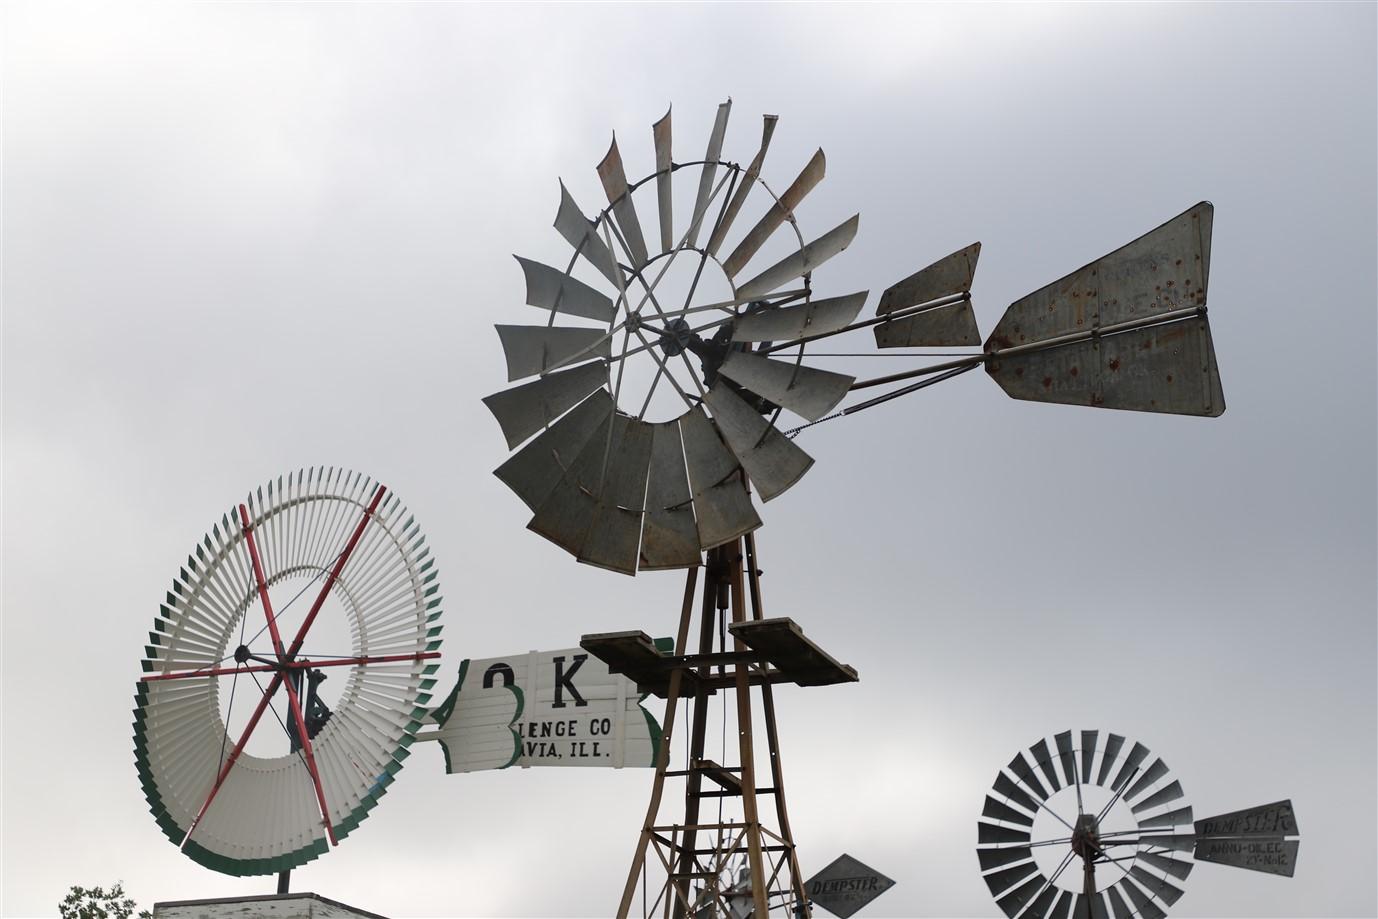 Shattuck, Oklahoma